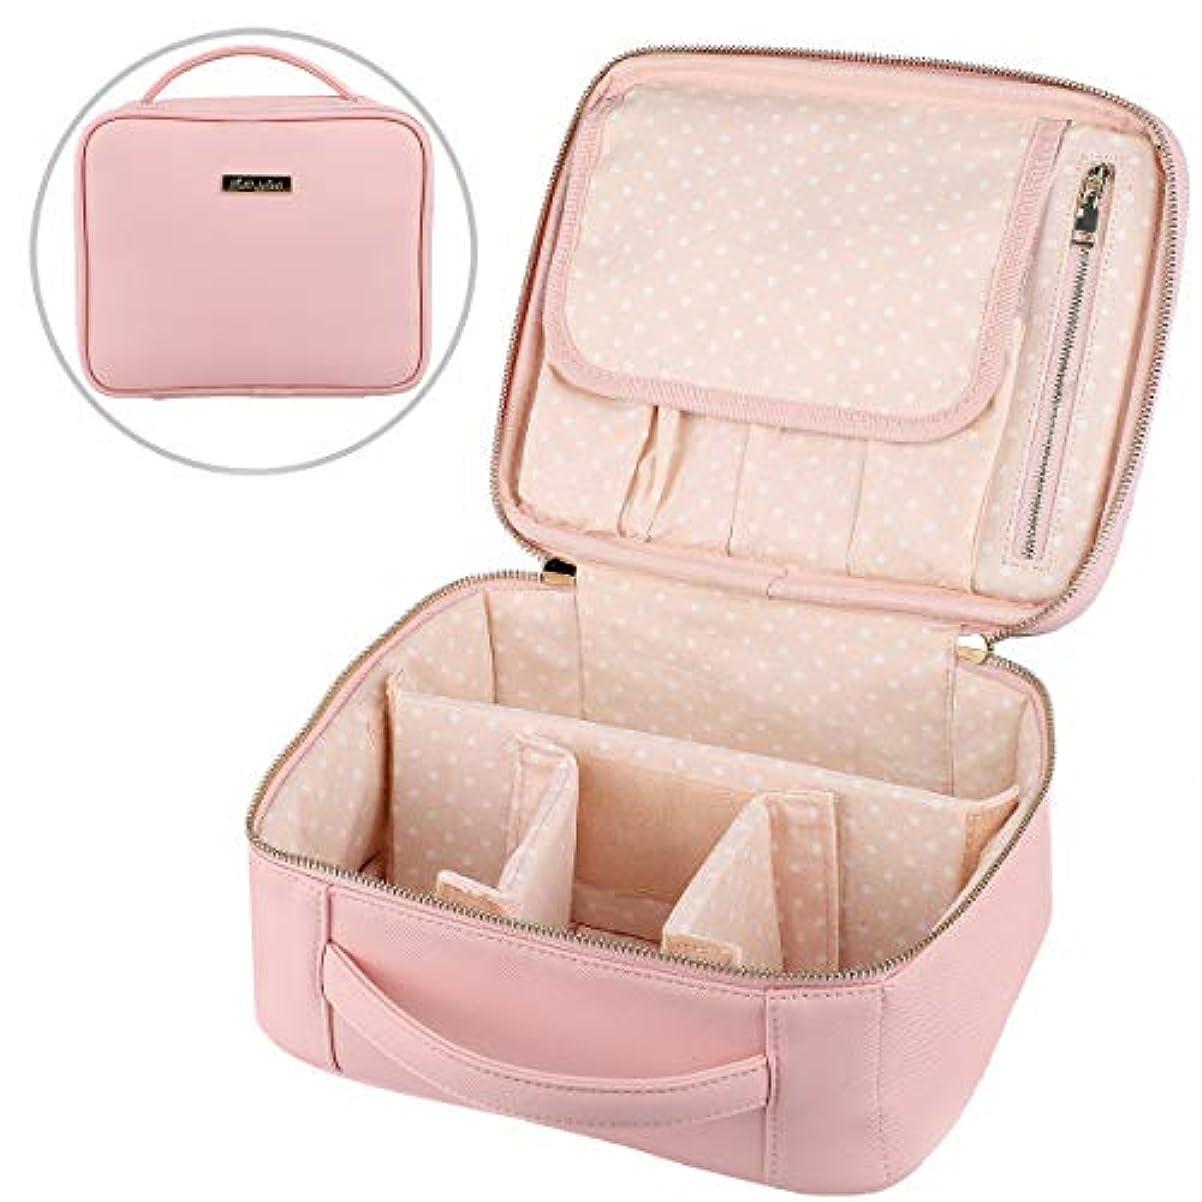 スパンリットル意義PUP Joint メイクボックス 收納バッグ 旅行 家用に大活躍な化粧箱 … (001)